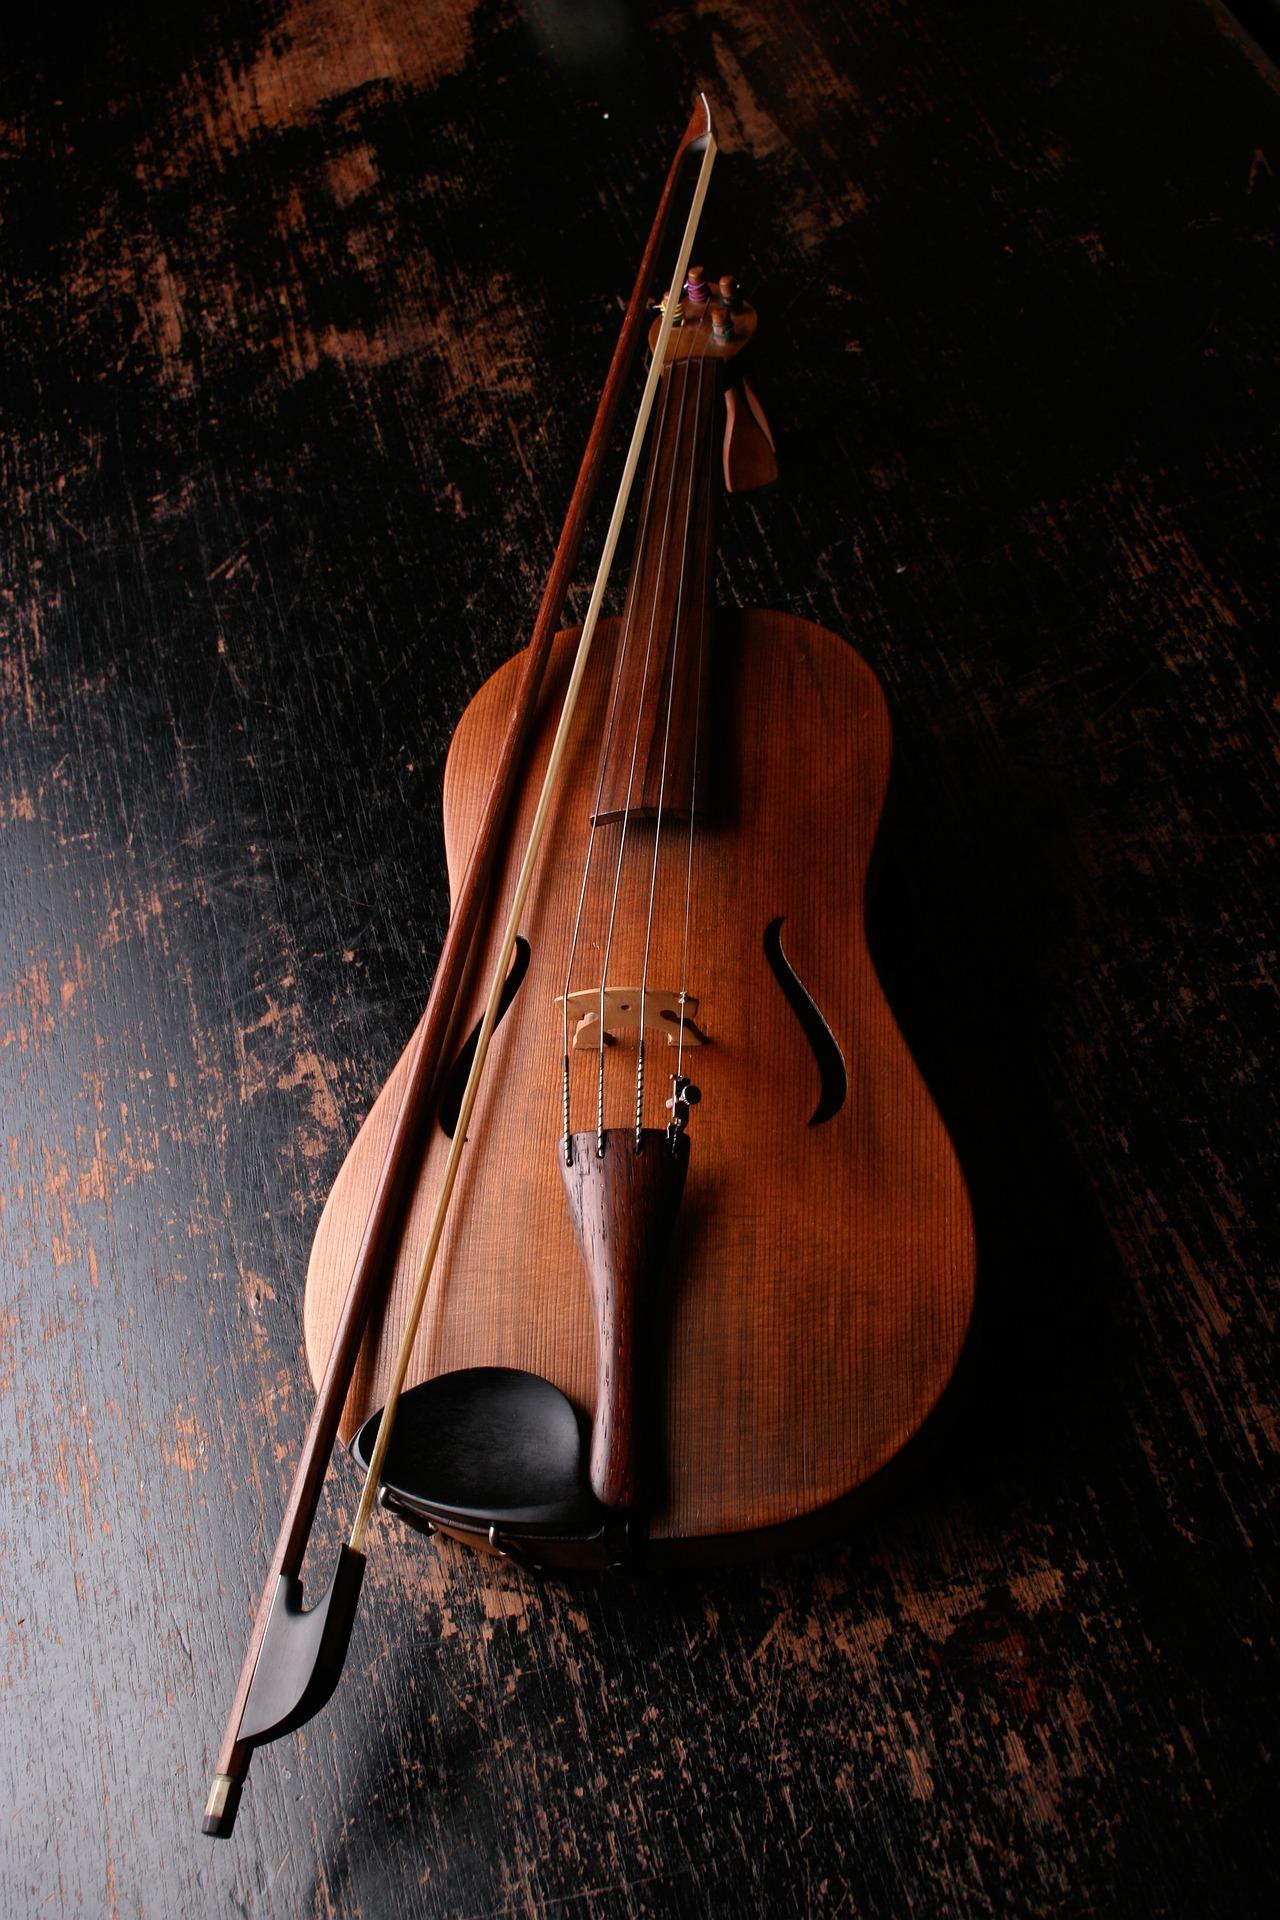 violin-924349_1920